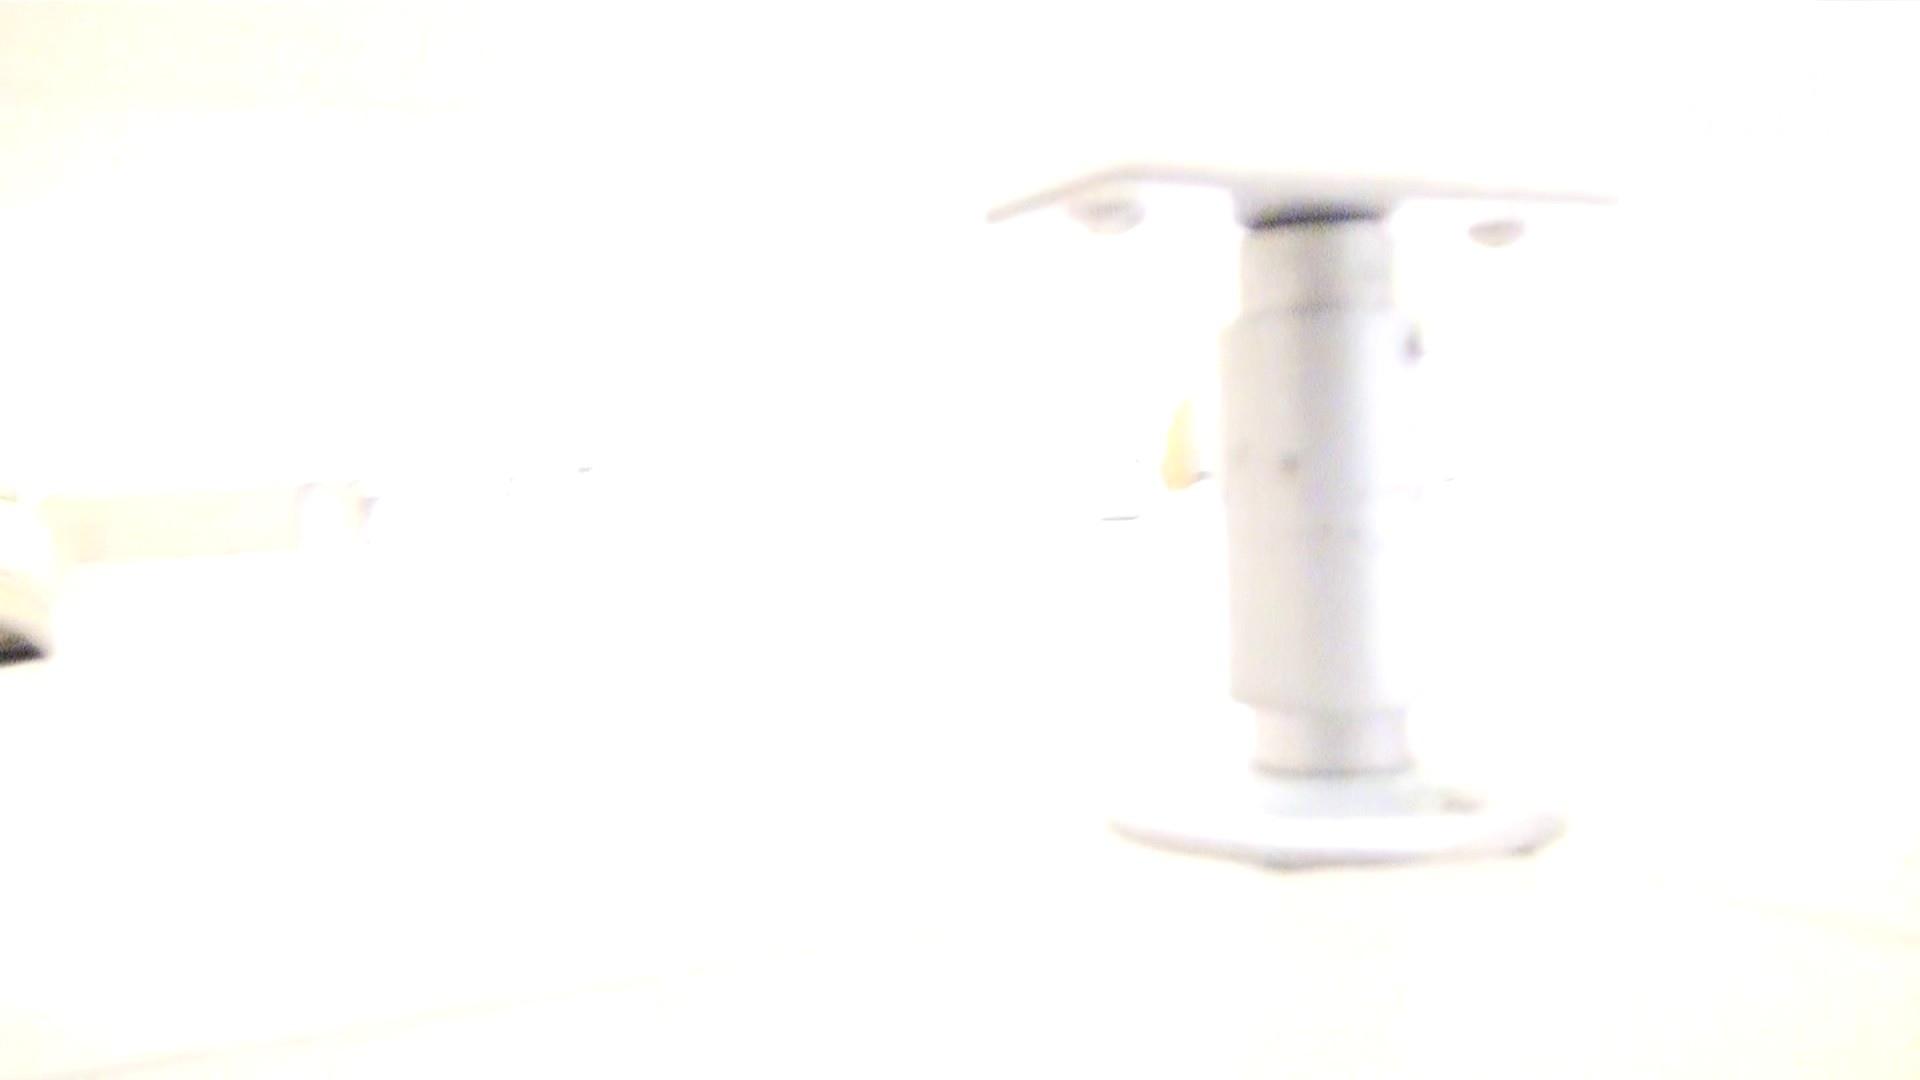 至高下半身盗撮-PREMIUM-【院内病棟編 】 vol.05 盗撮師作品  75pic 30